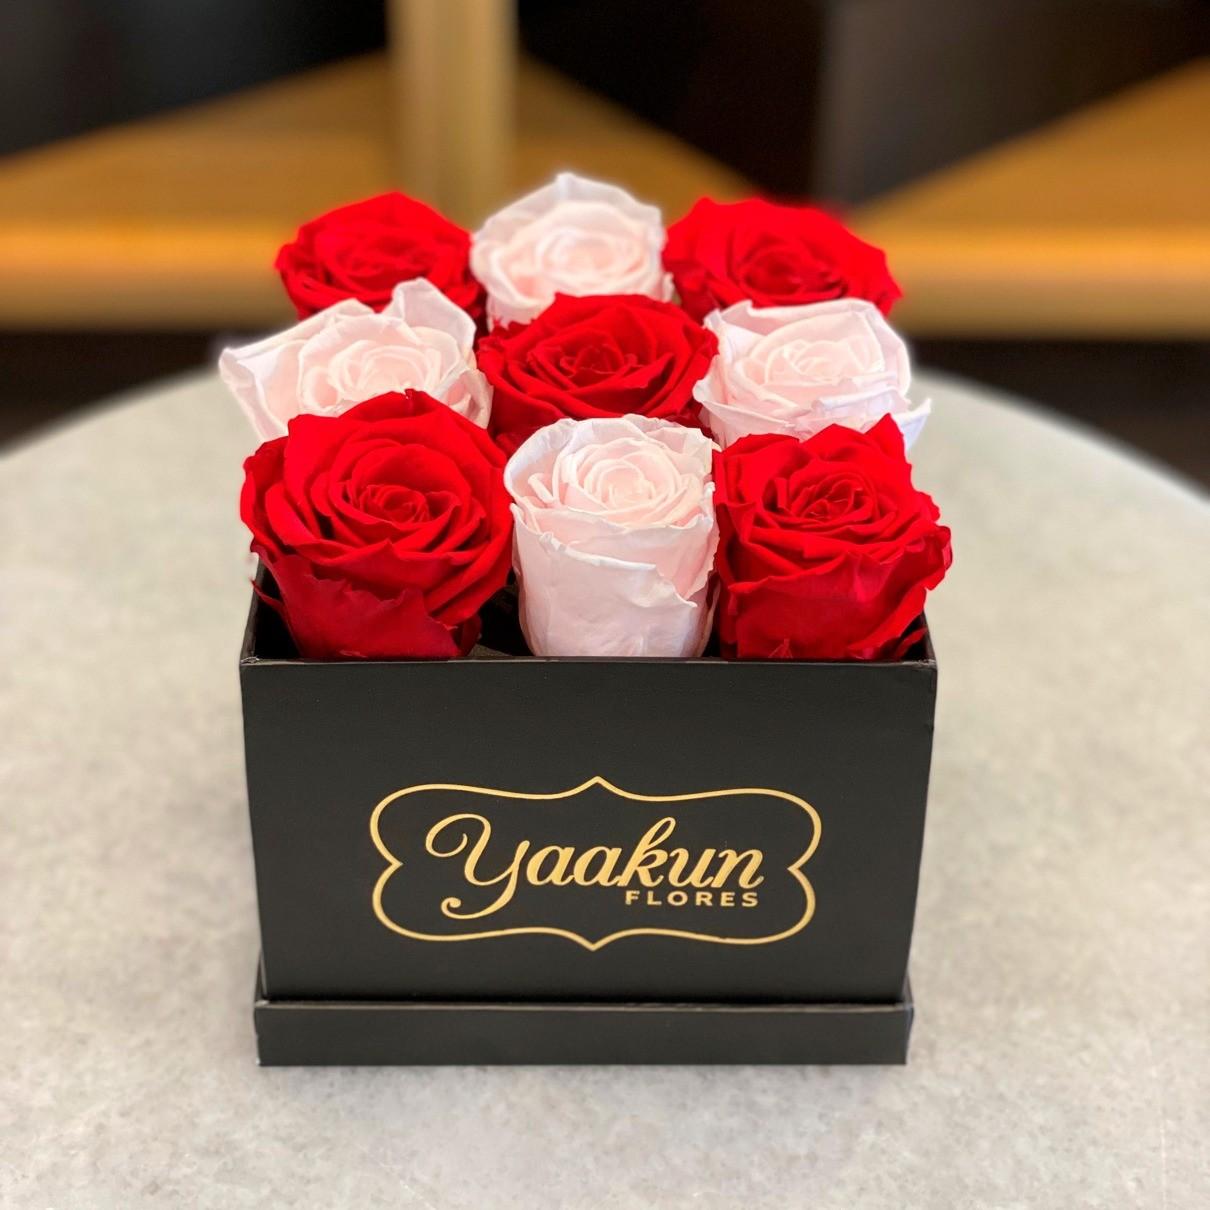 Rosas eternas en caja cuadrada chica pink & red